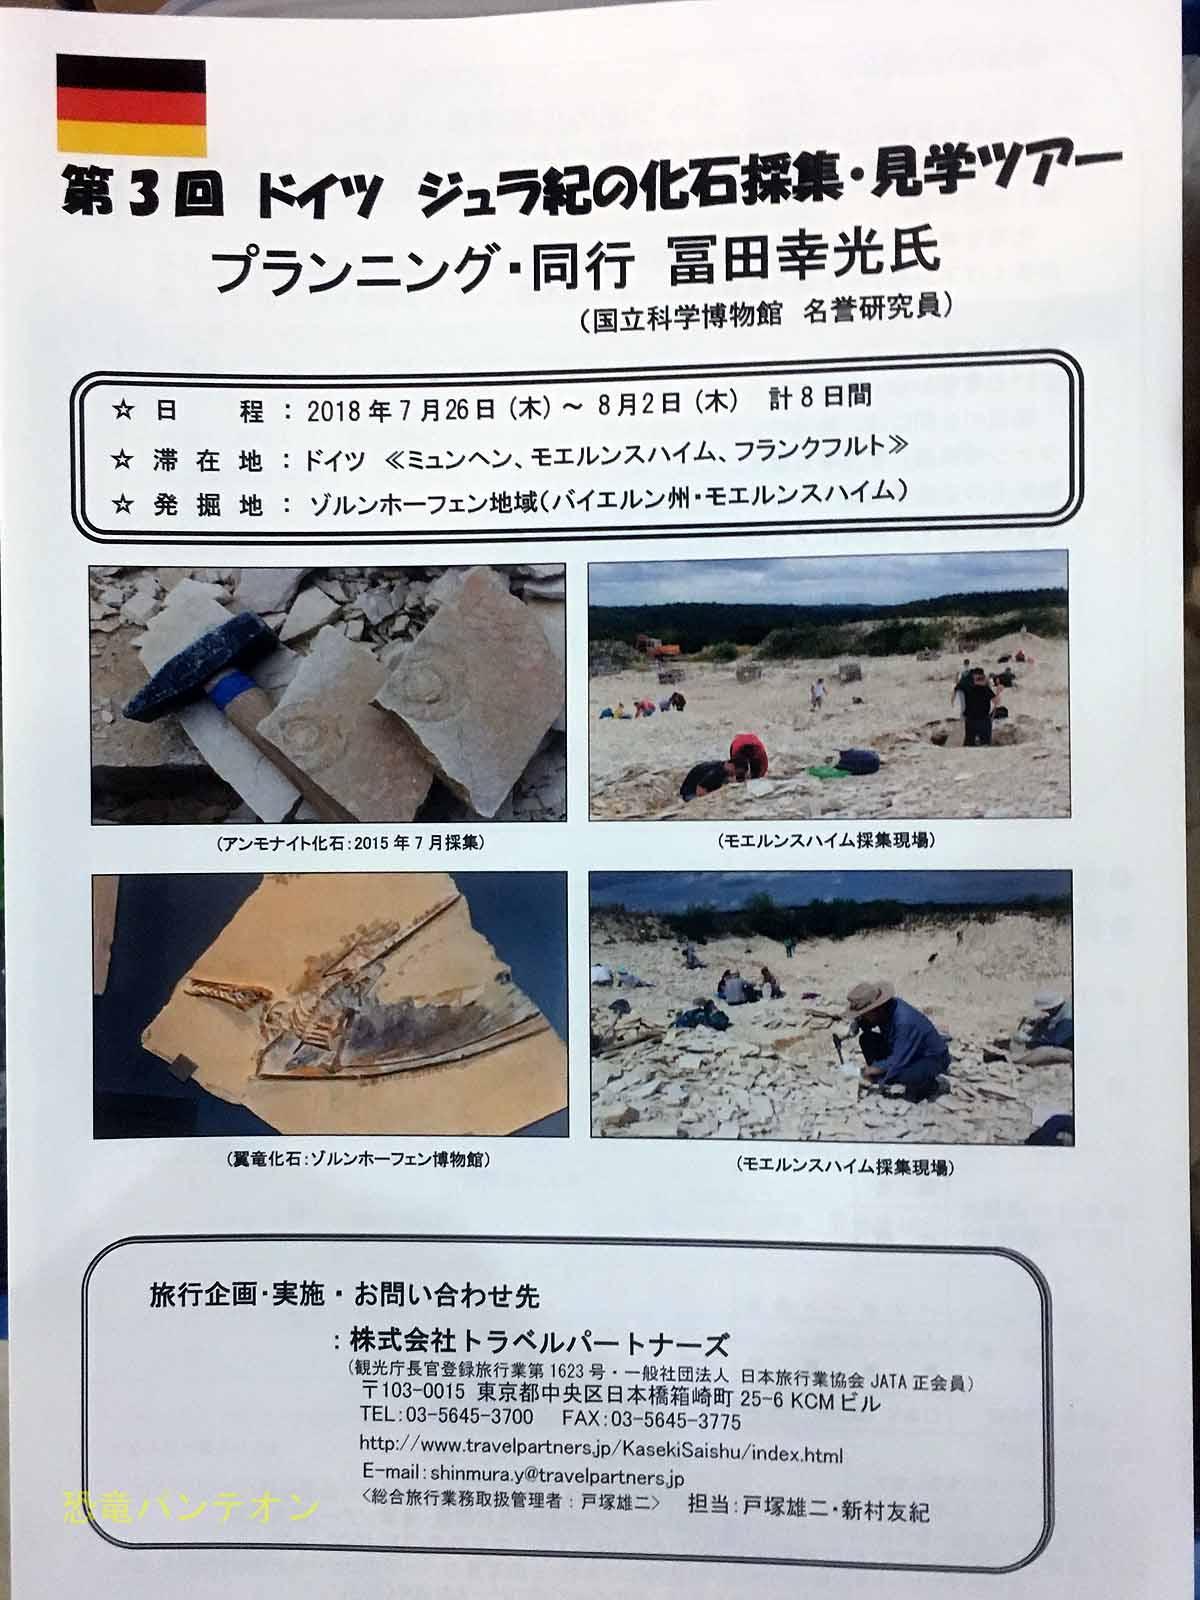 冨田先生のツアーです。